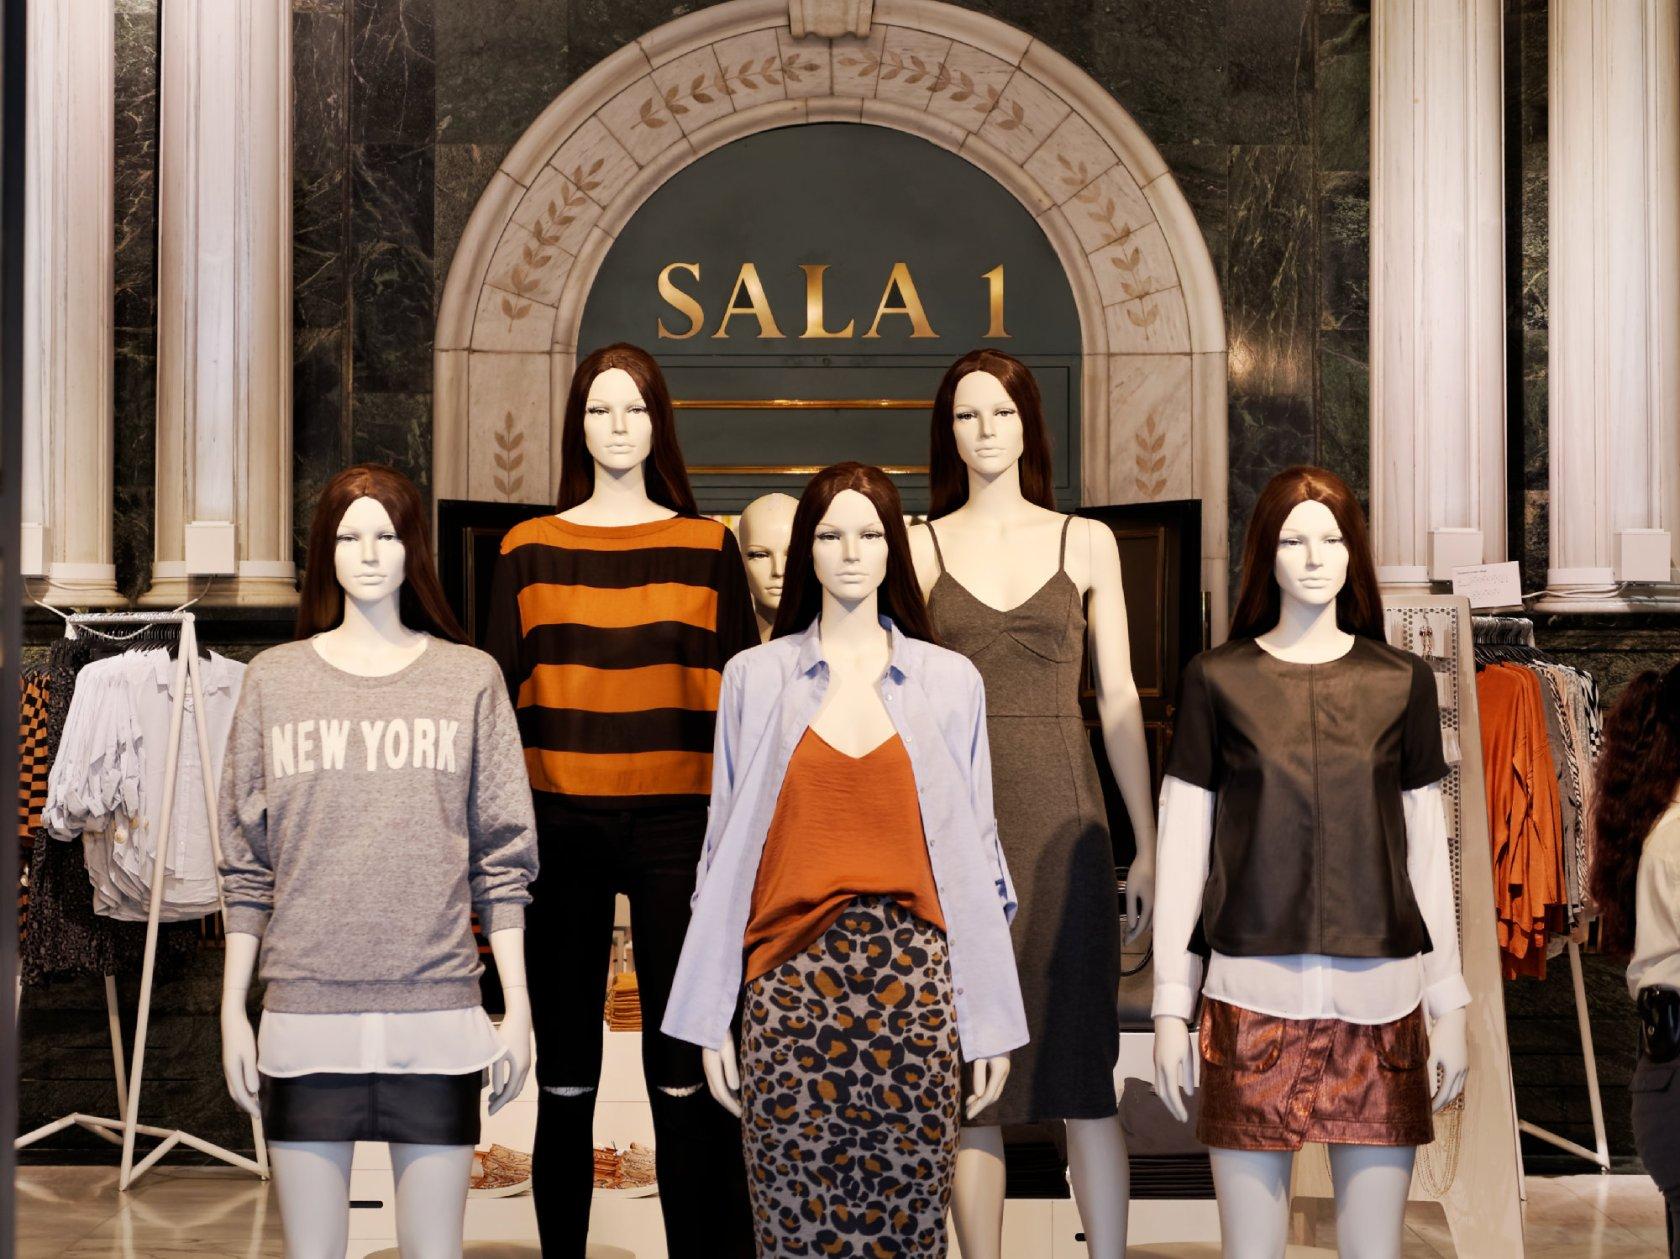 Cultura en Madrid, El antiguo Cine Avenida convertido en tienda de ropa. Fotografía de Luis F. Roncero.